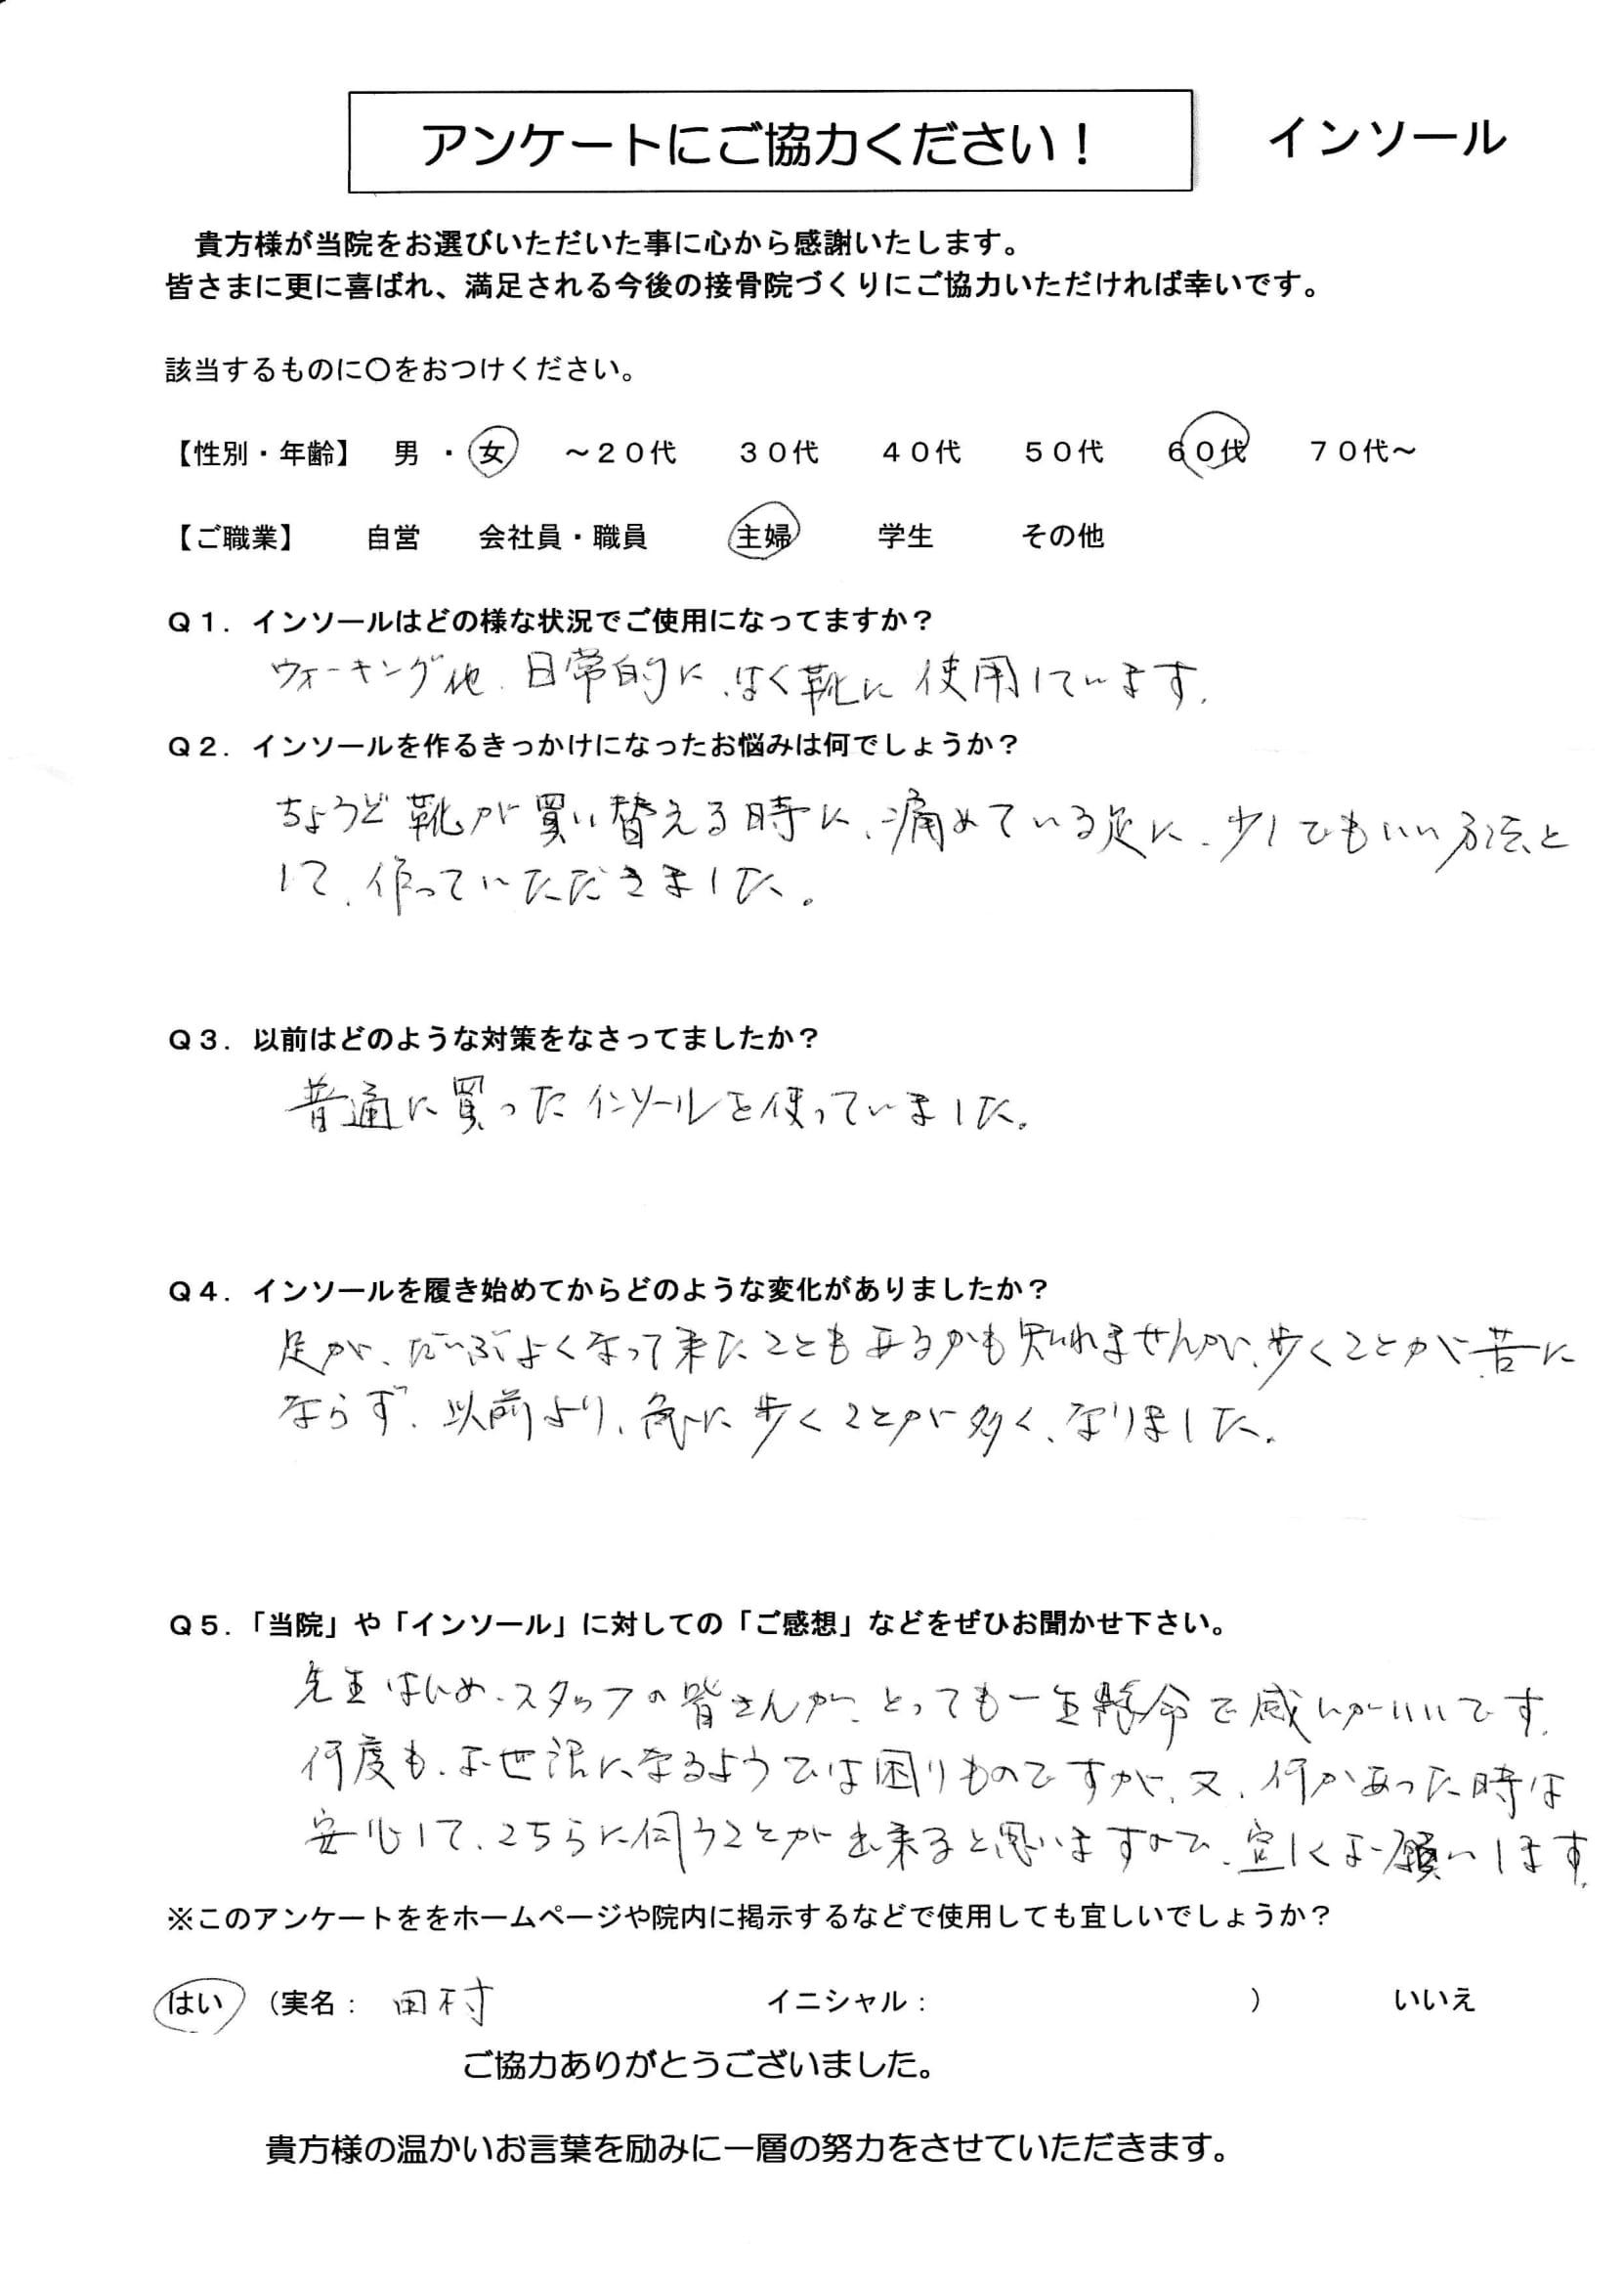 インソール アンケート 60代(女)(田村さん)-1